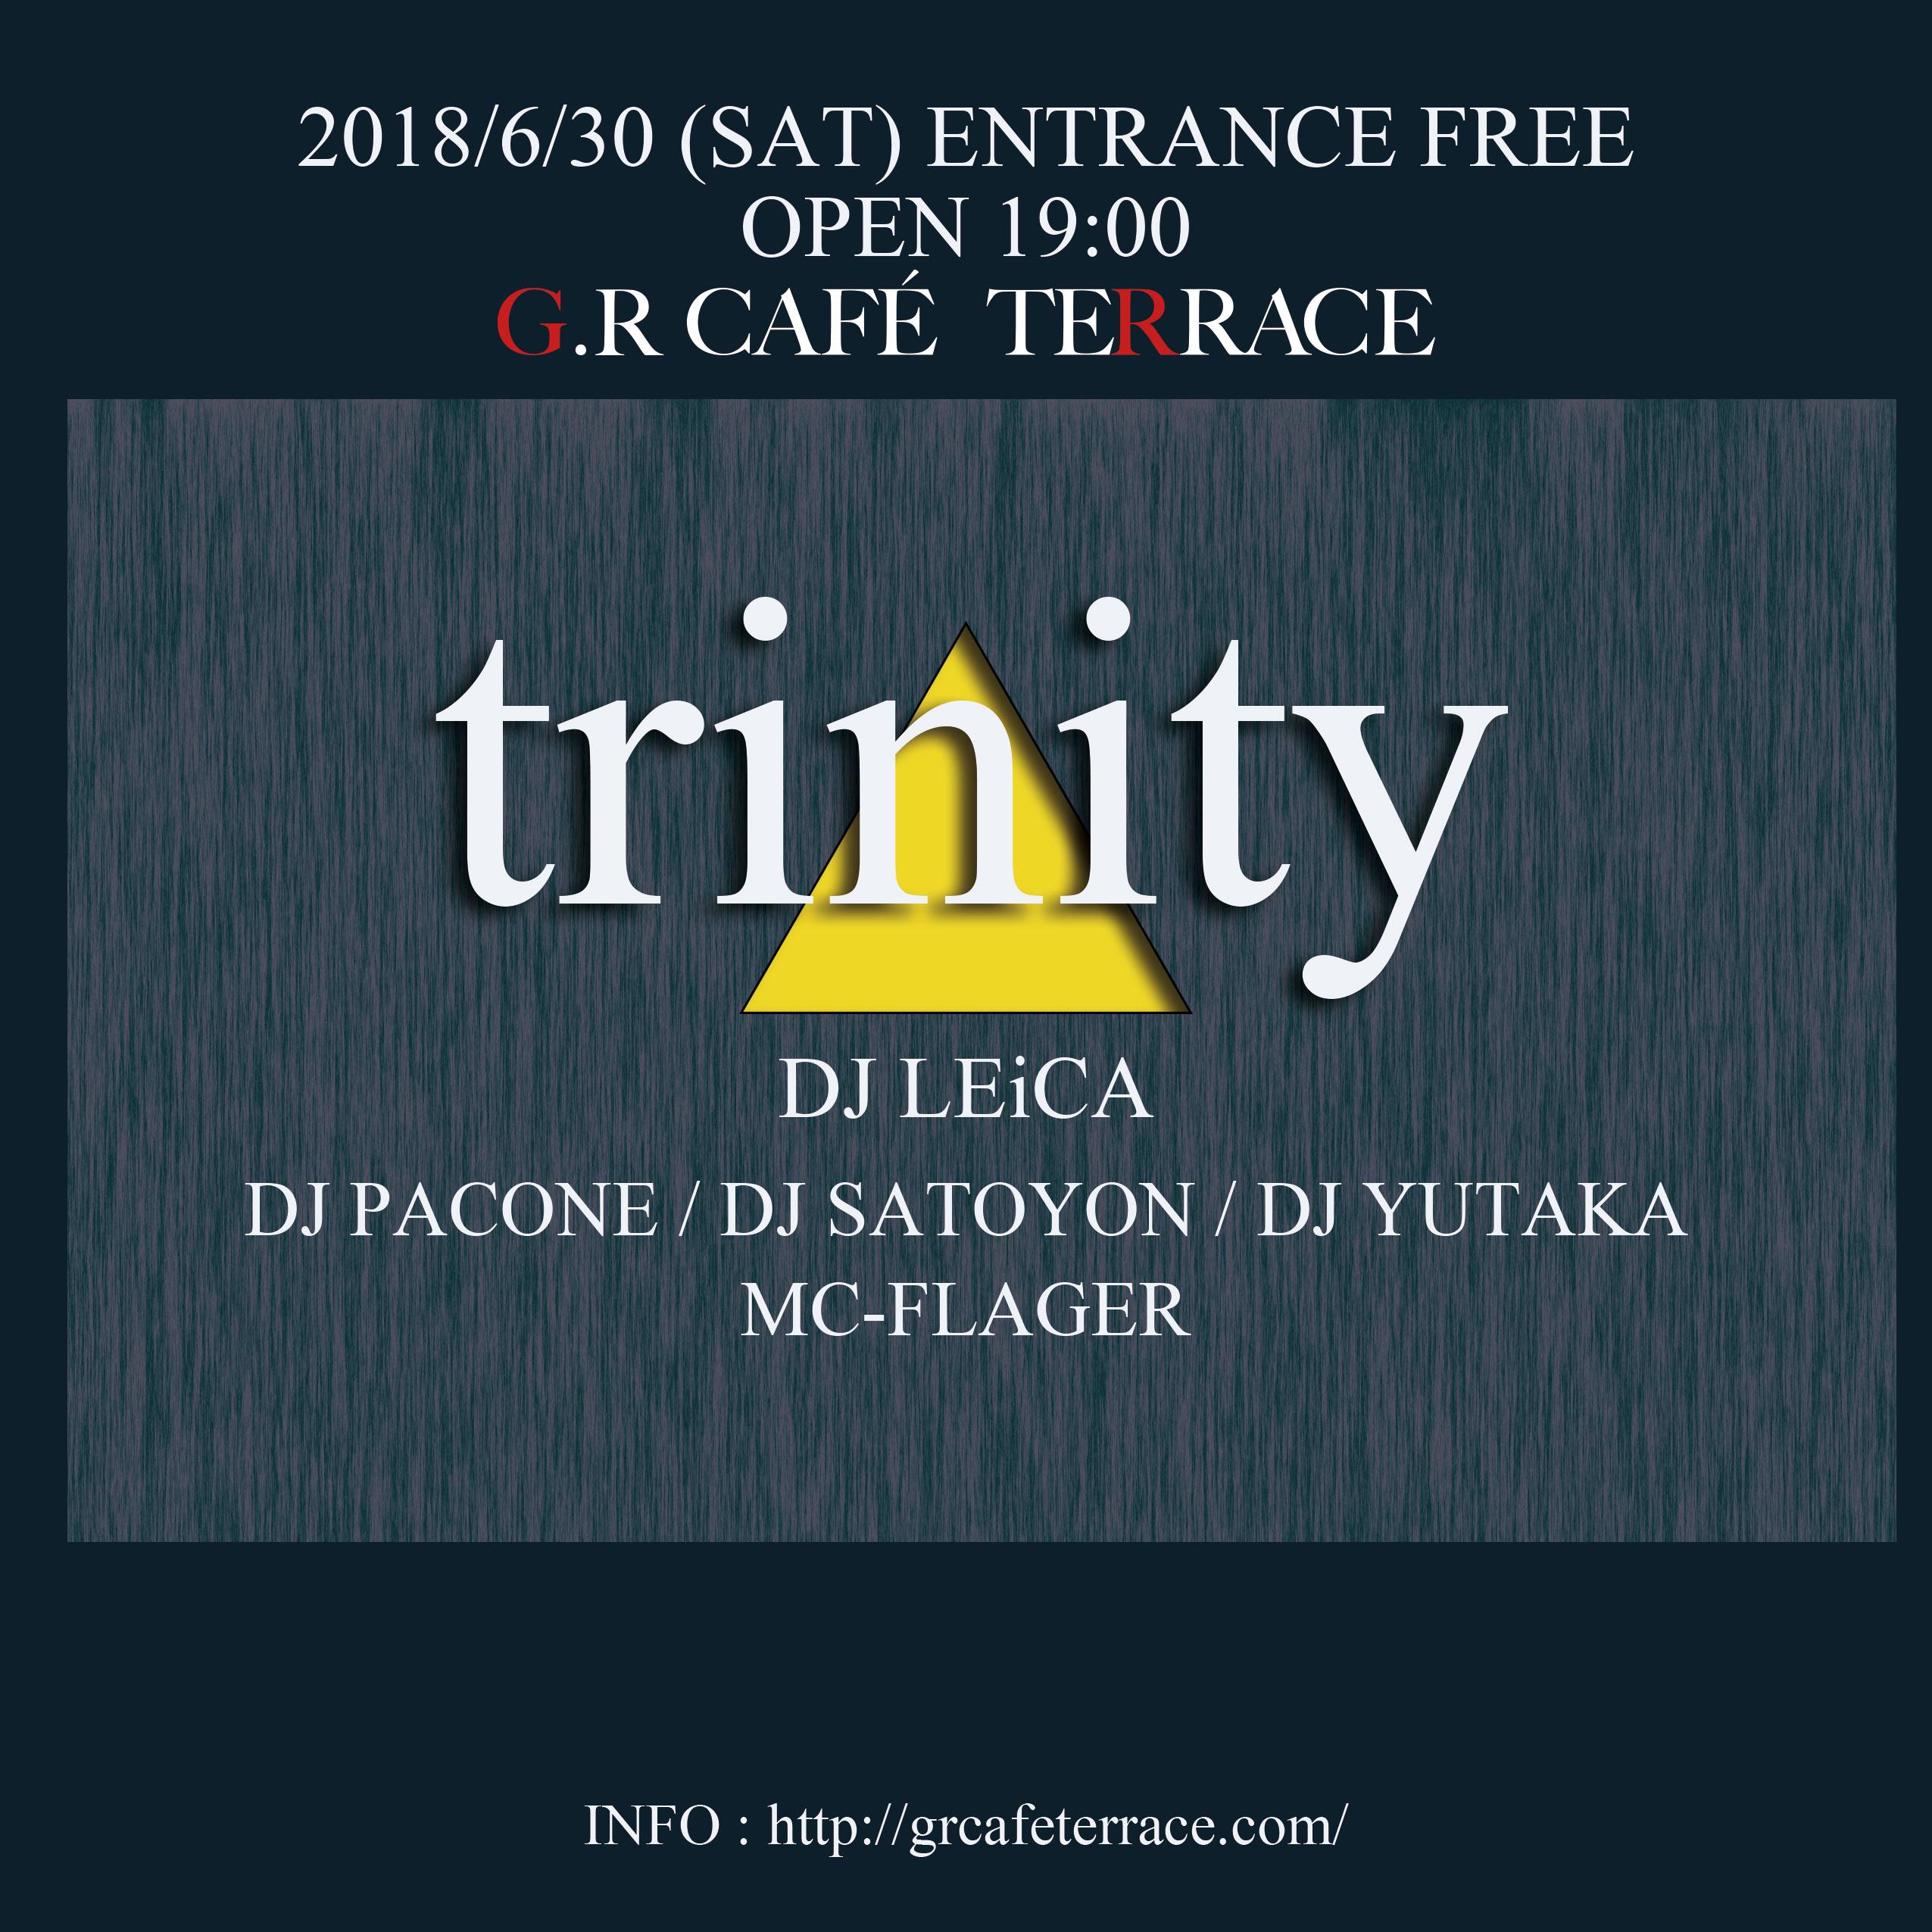 trinity @G.R CAFE TERRACE